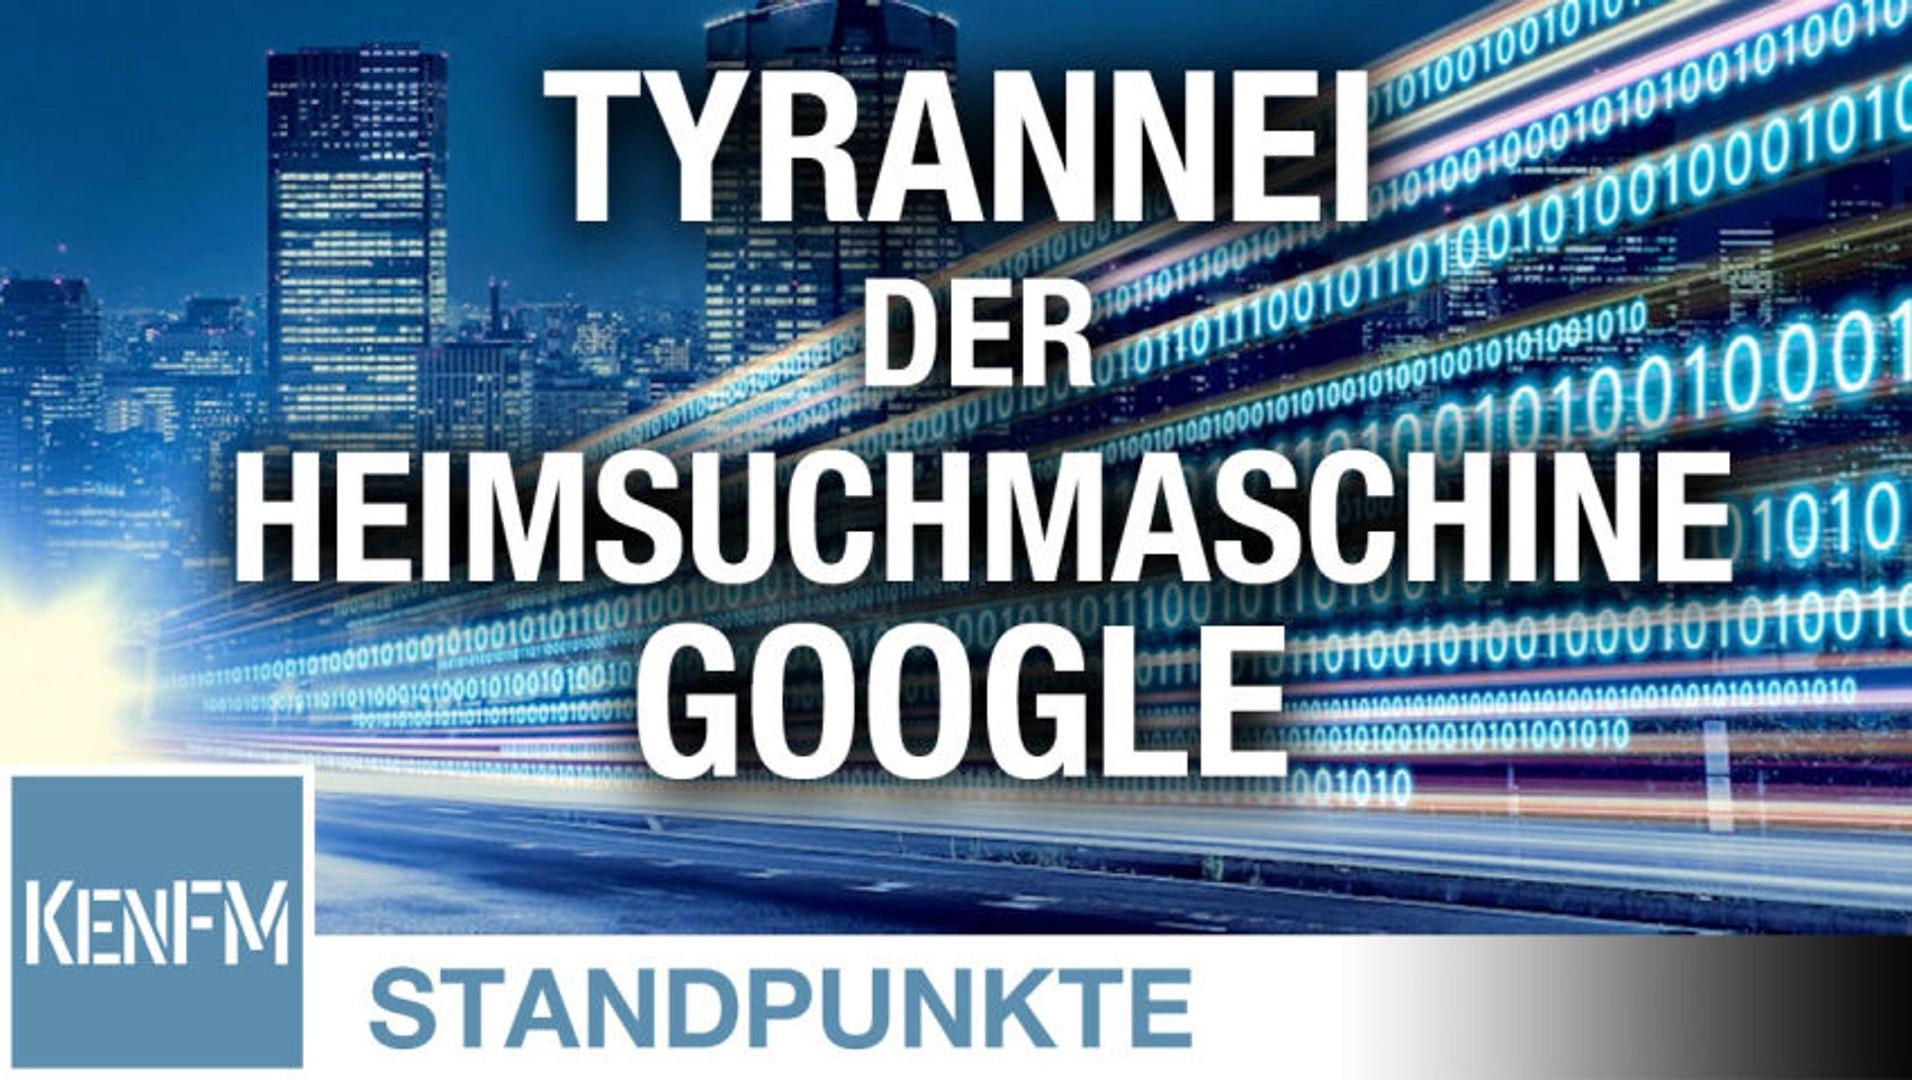 Die Tyrannei der Heimsuchmaschine Google | Von Anna Zollner